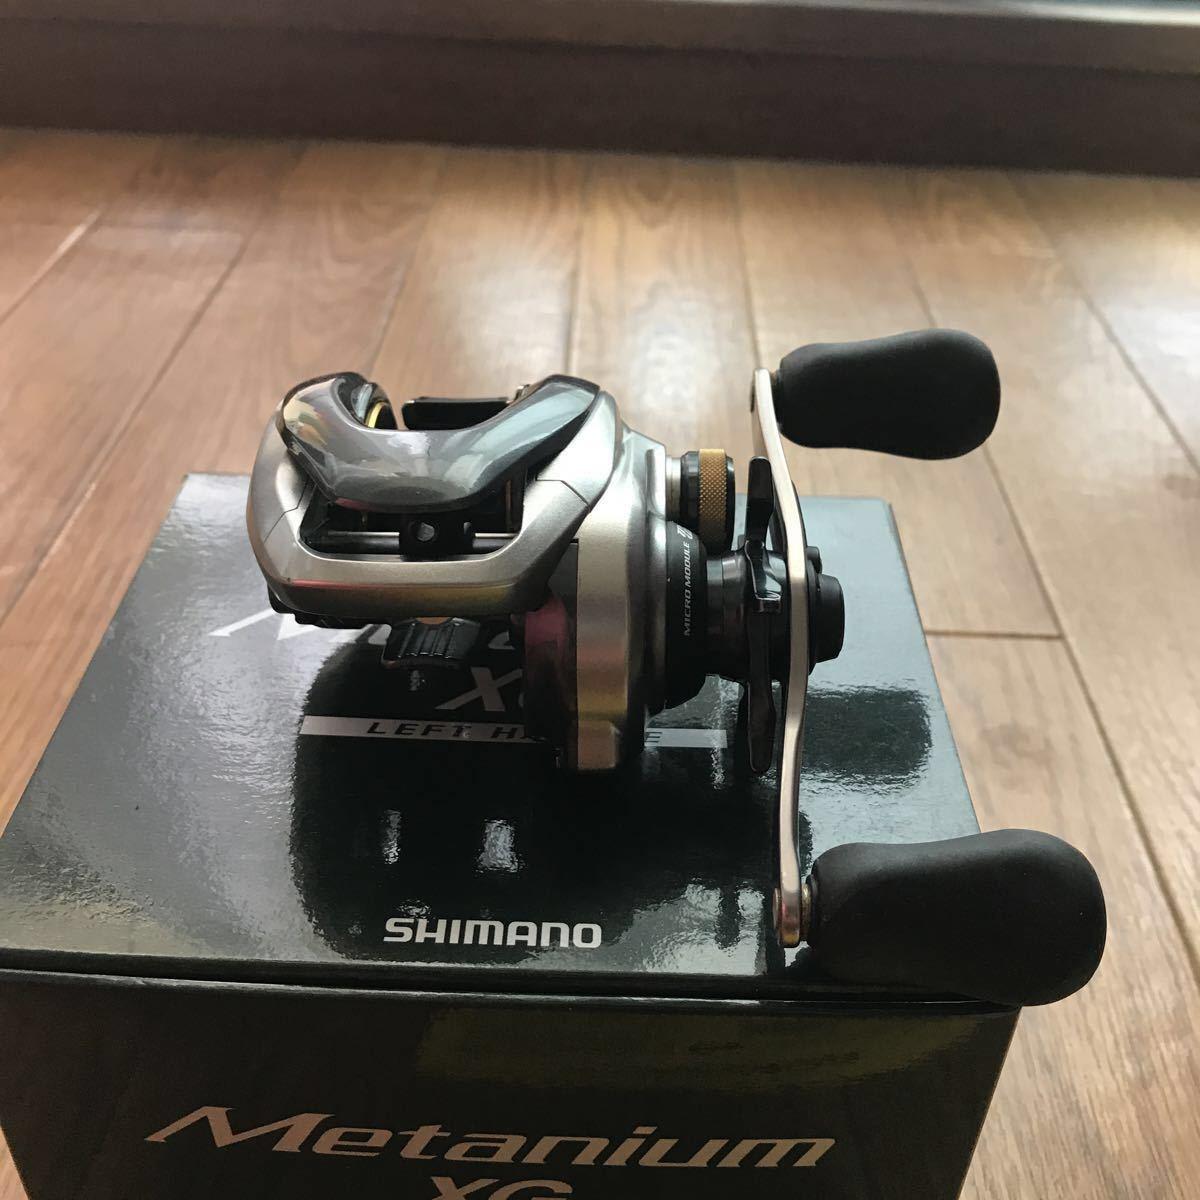 シマノ 13メタニウム XG 左ハンドル_画像4